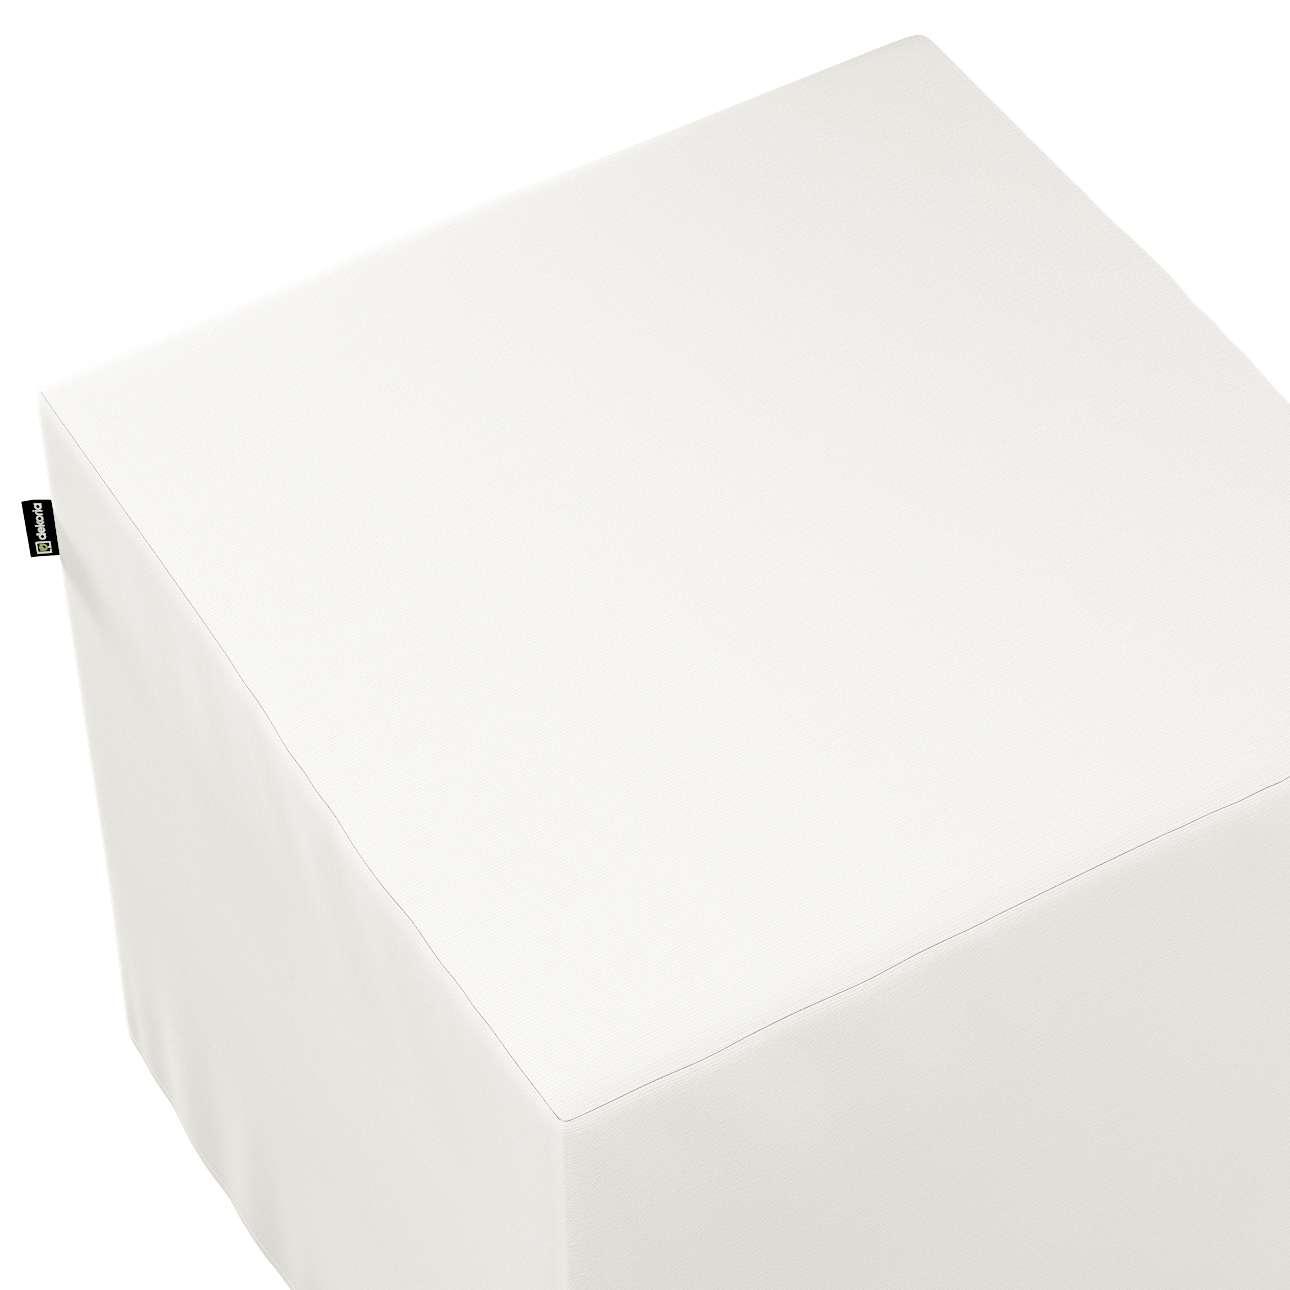 Pokrowiec na pufę kostkę w kolekcji Cotton Panama, tkanina: 702-34